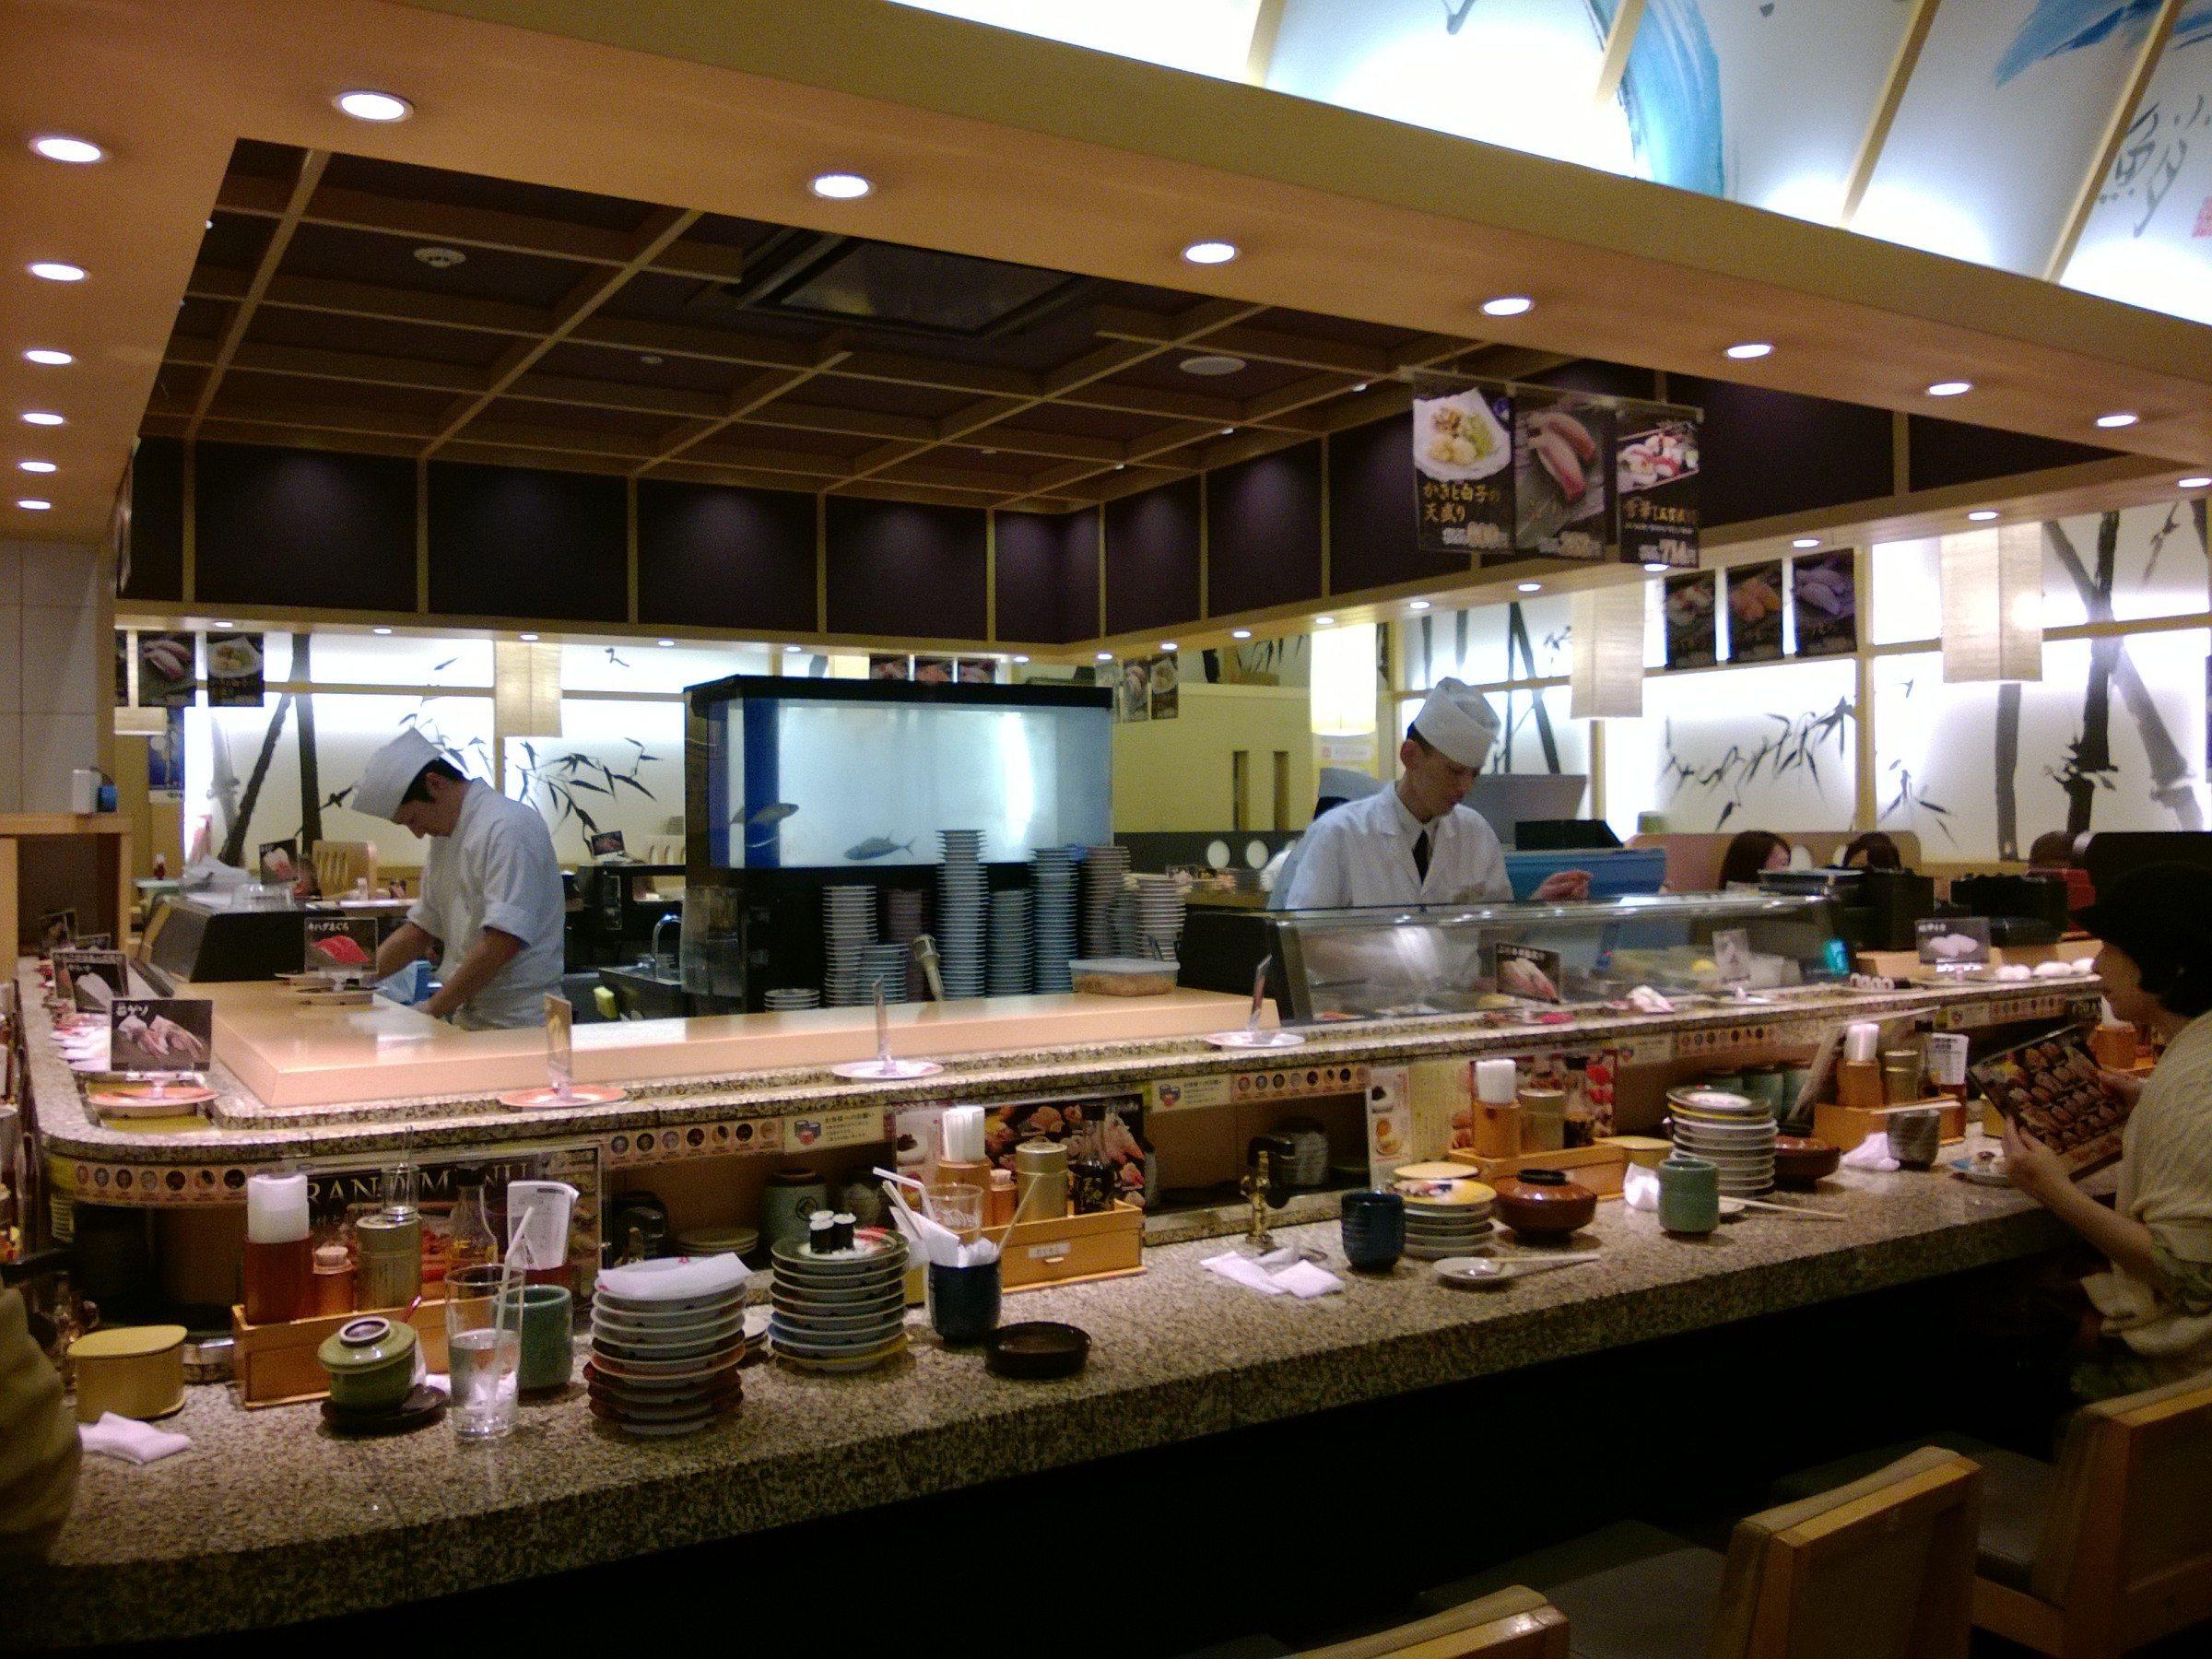 Conveyor-belt sushi in Osaka